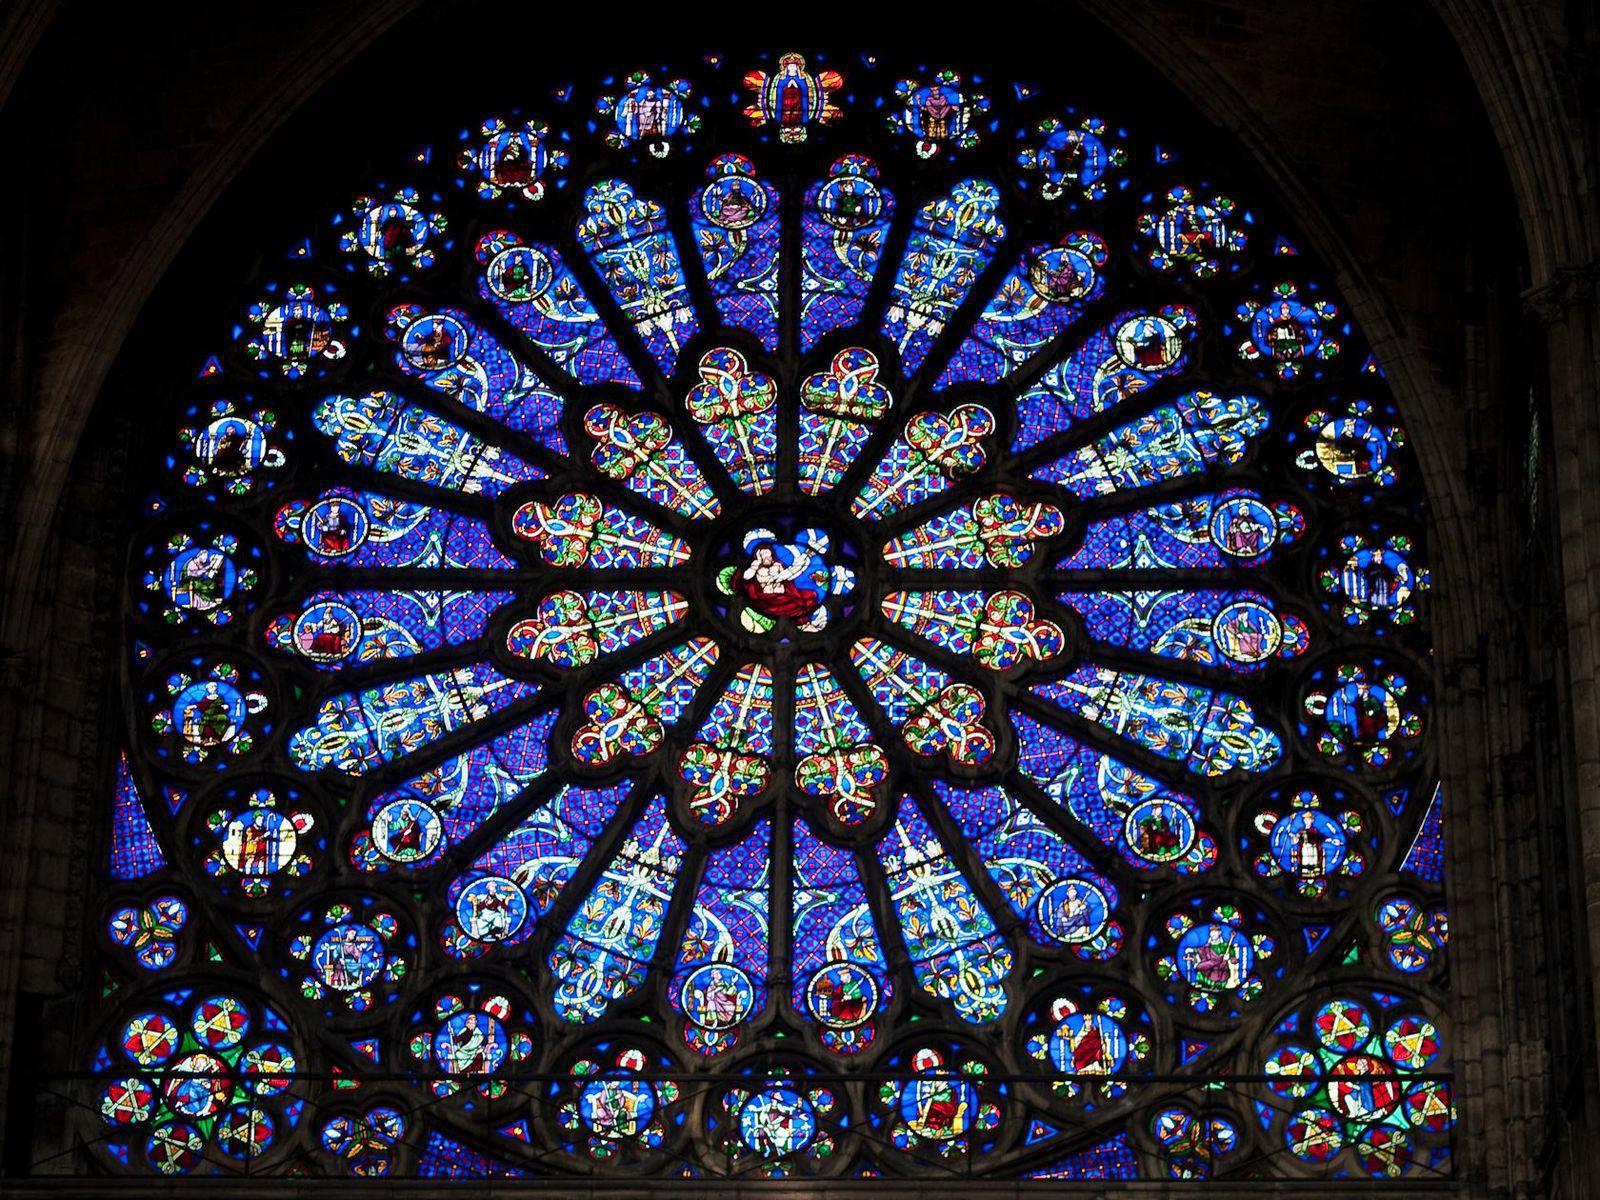 La Basilique de Saint-Denis (1)